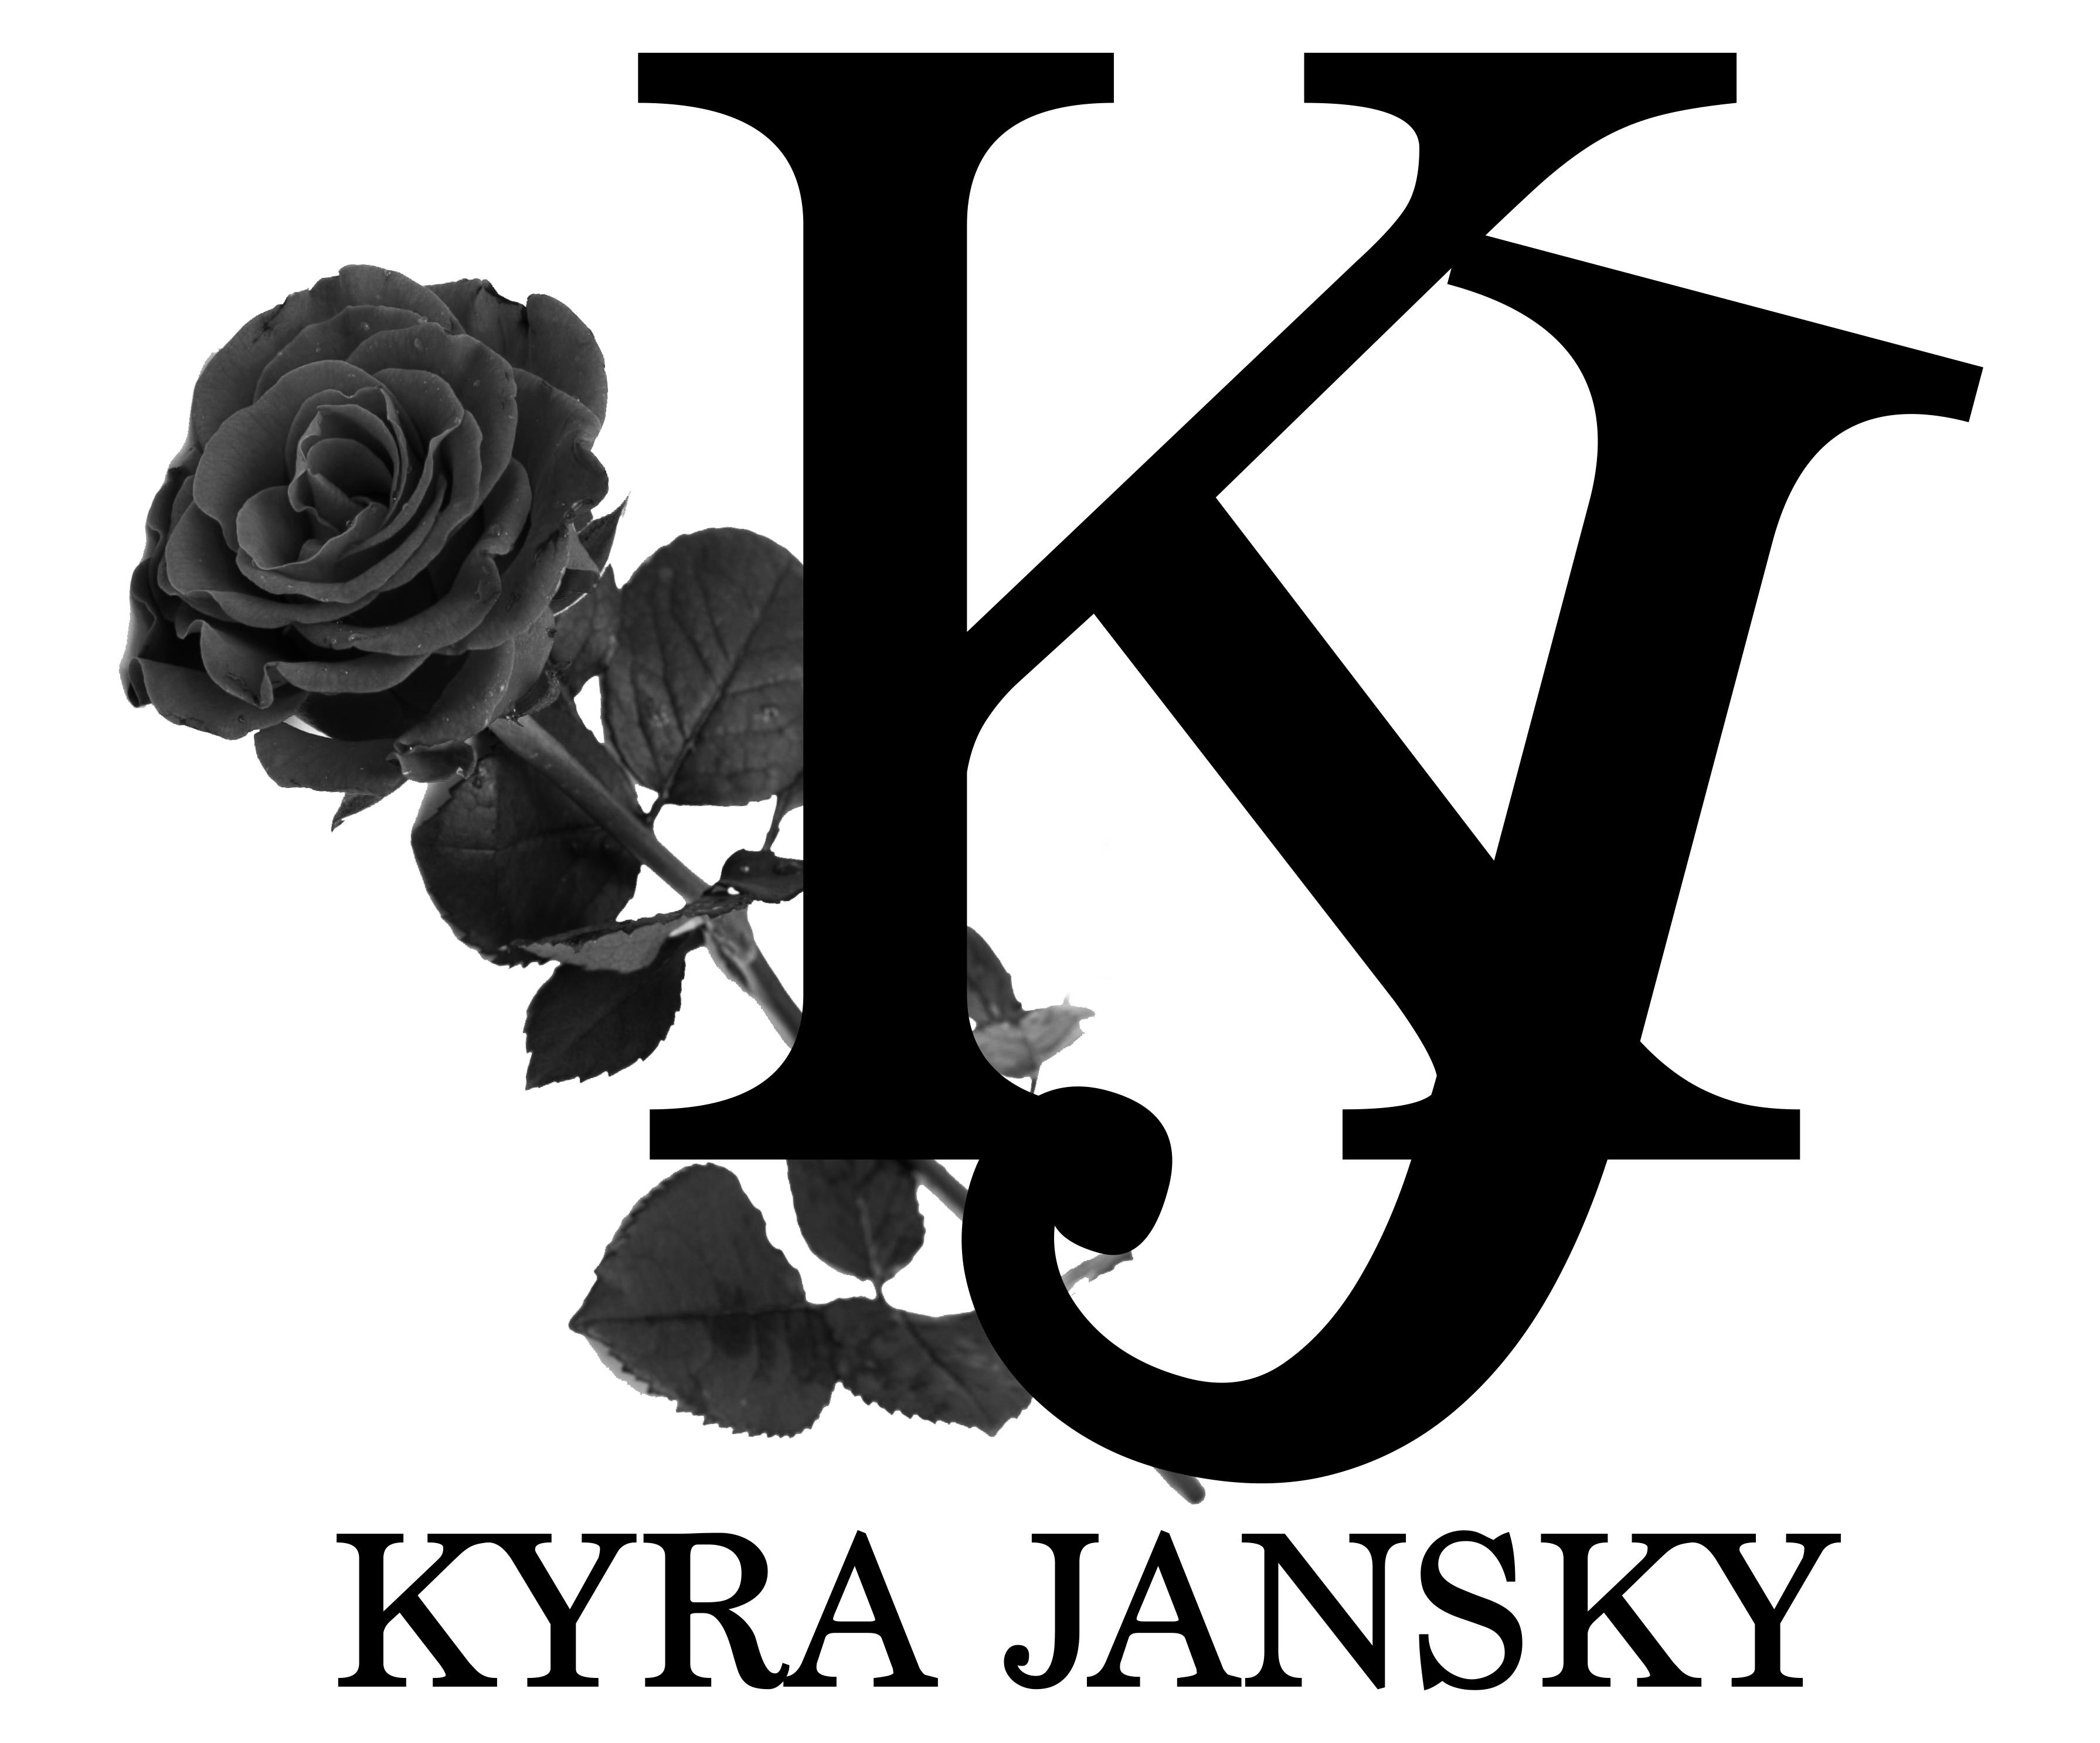 Kyra Jansky